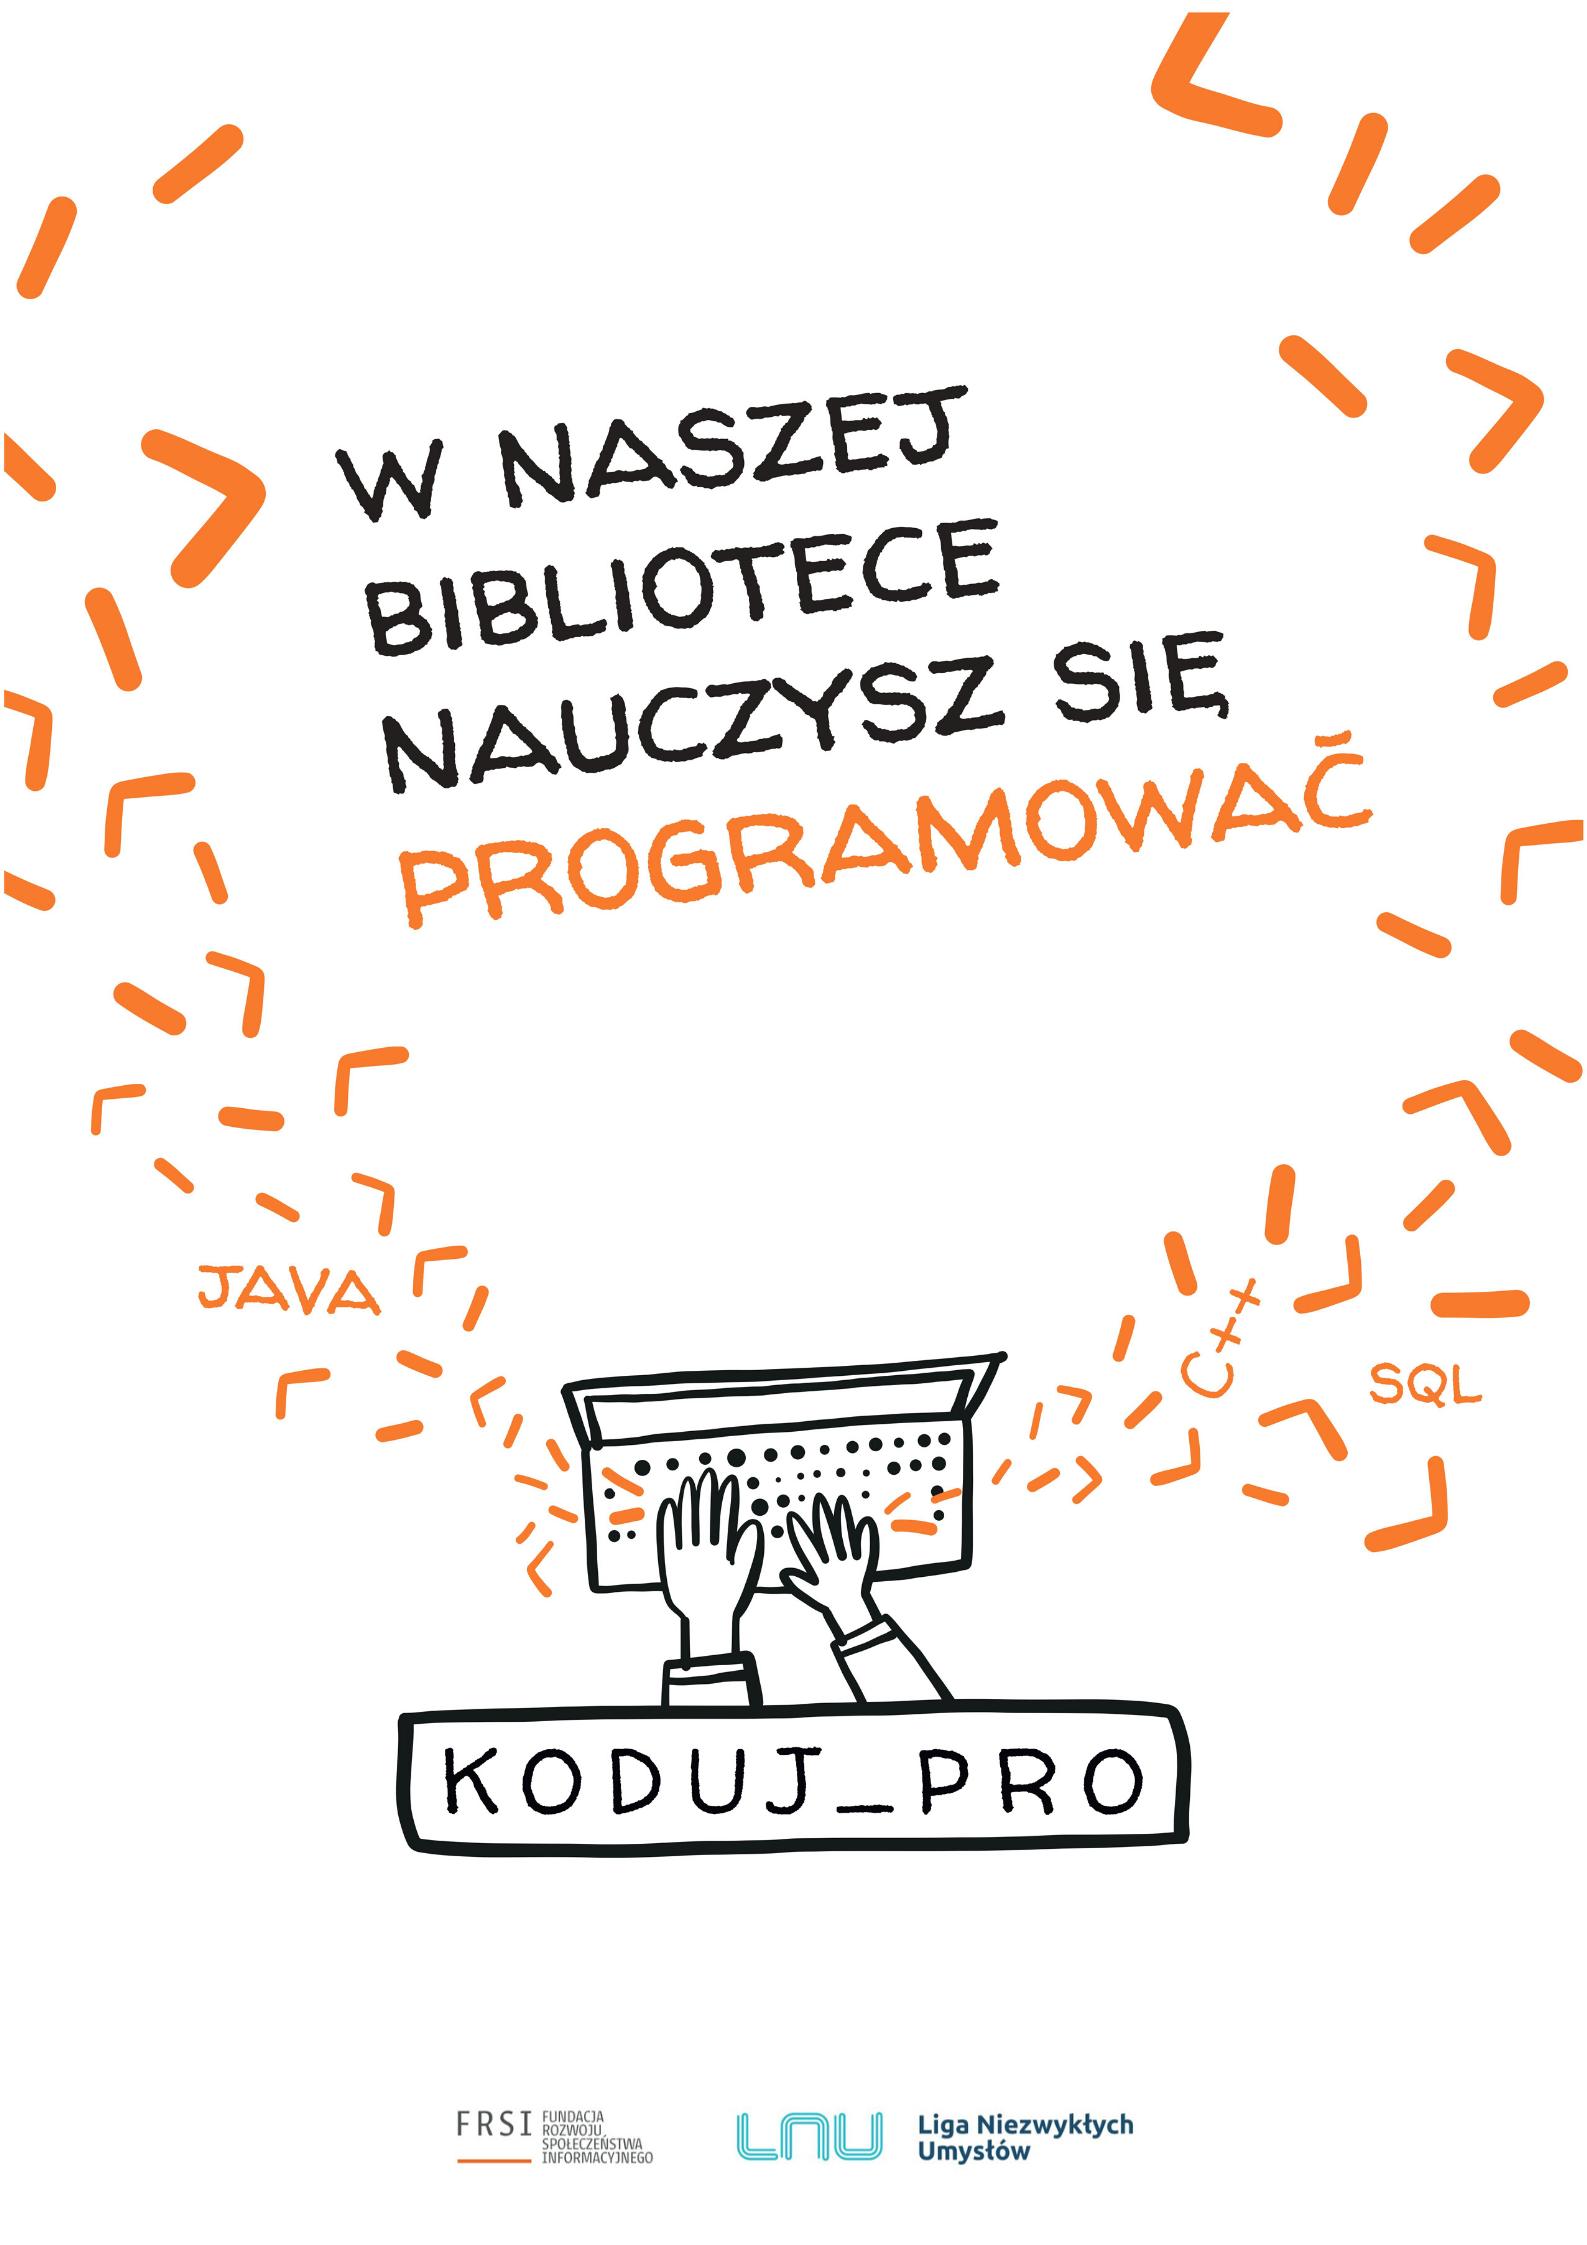 plakat reklamujący akcję koduj_pro narysowane ręce nad klawiaturą, pomiędzy unoszącymi się z laptopa znakami napis: W naszej bibliotece nauczysz się programowania.